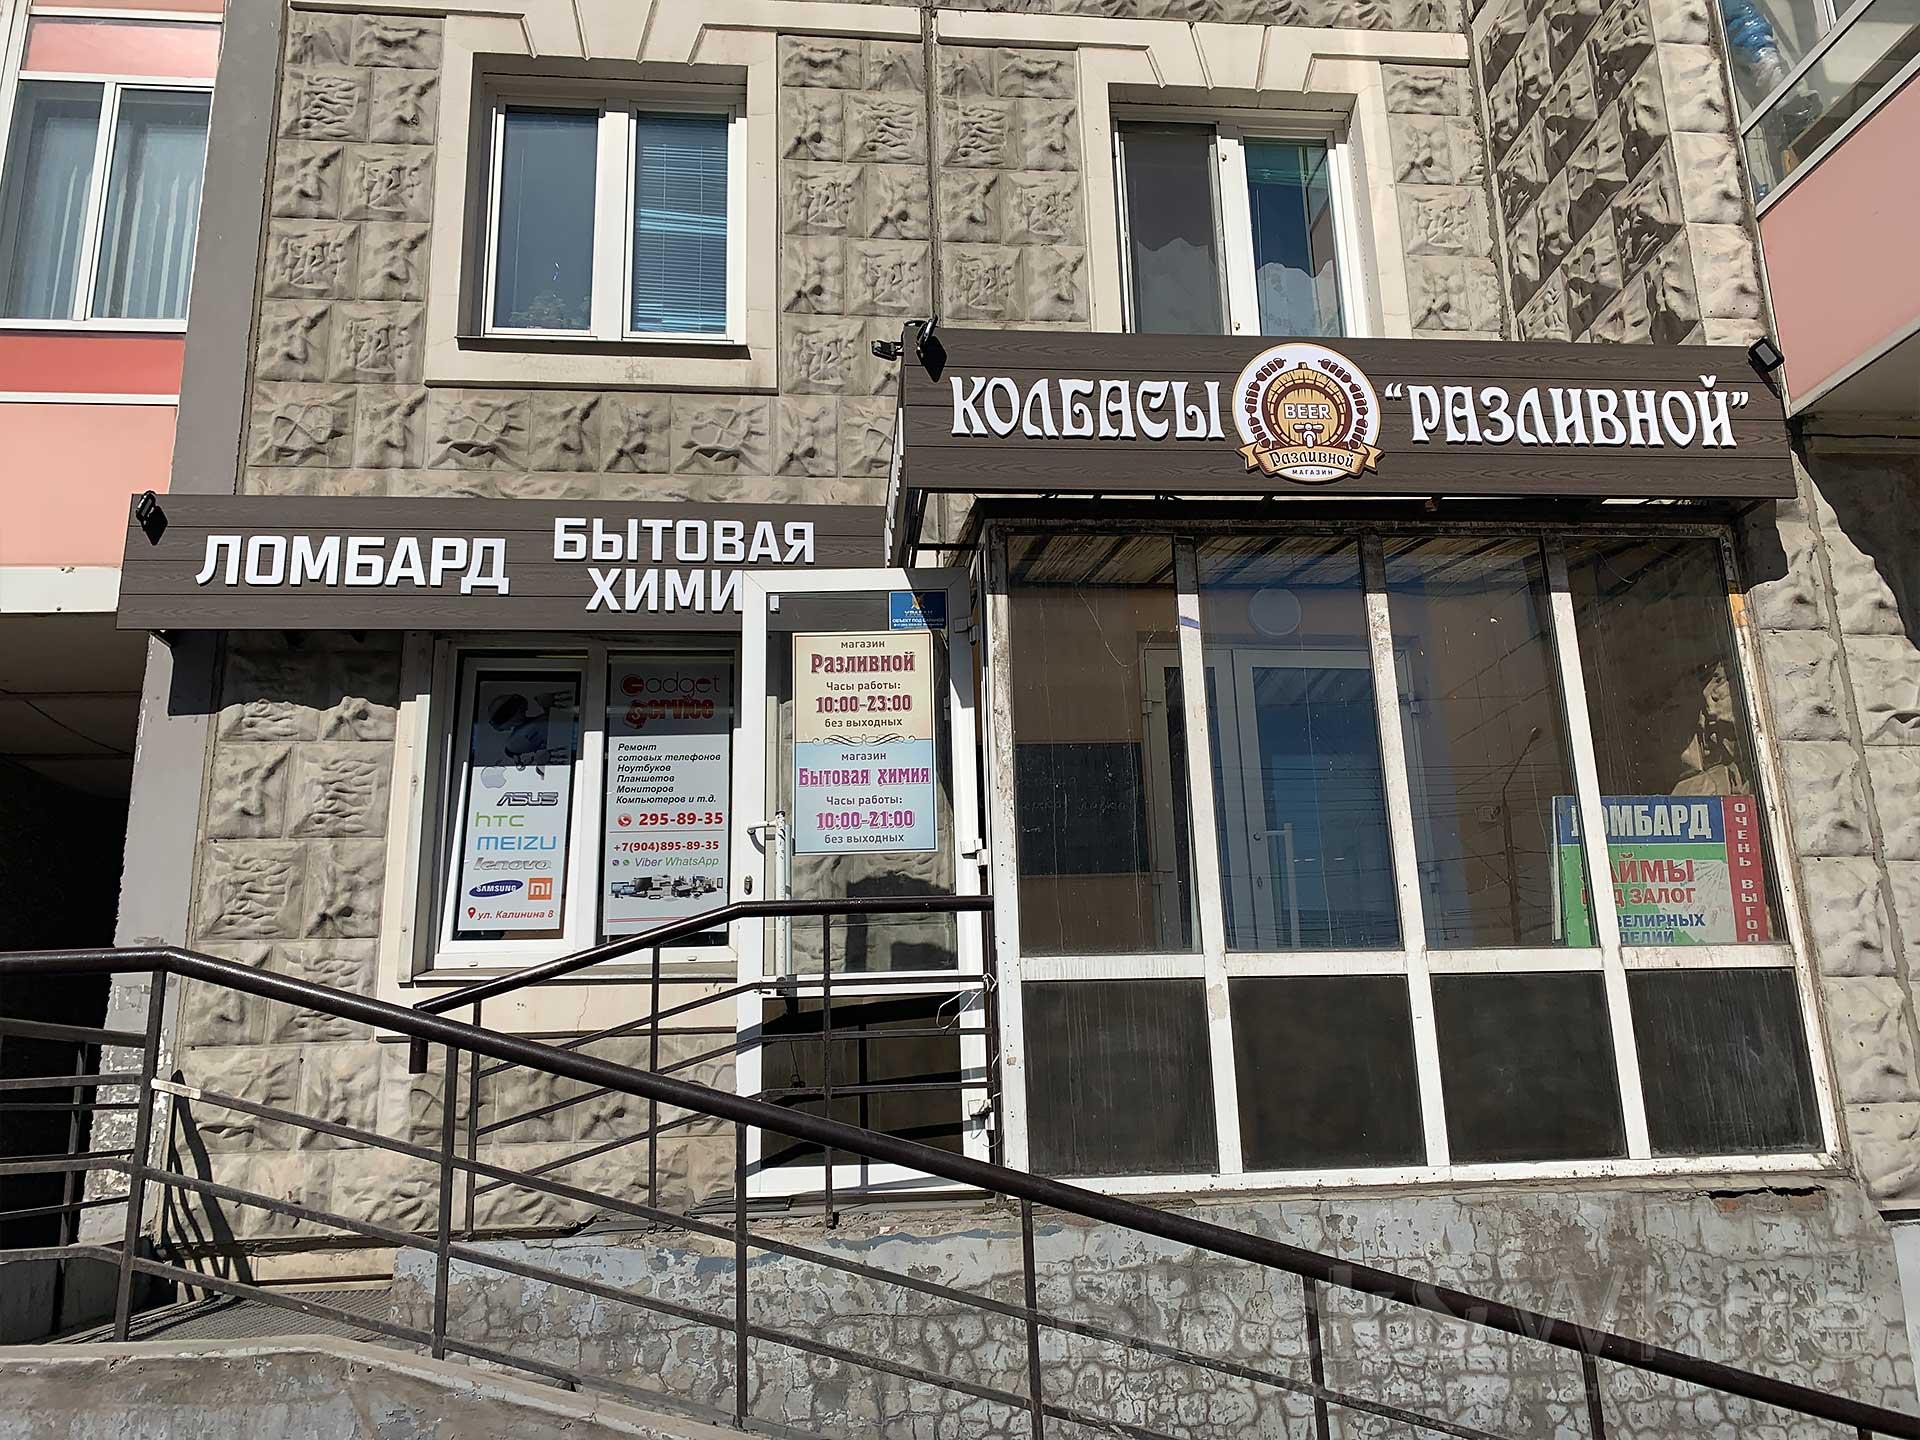 Высеска-из-дерава-с-псевдообъёмными-плоские-буквыми-из-пвх-ихготовление-в-Красноярске-bw..jpg